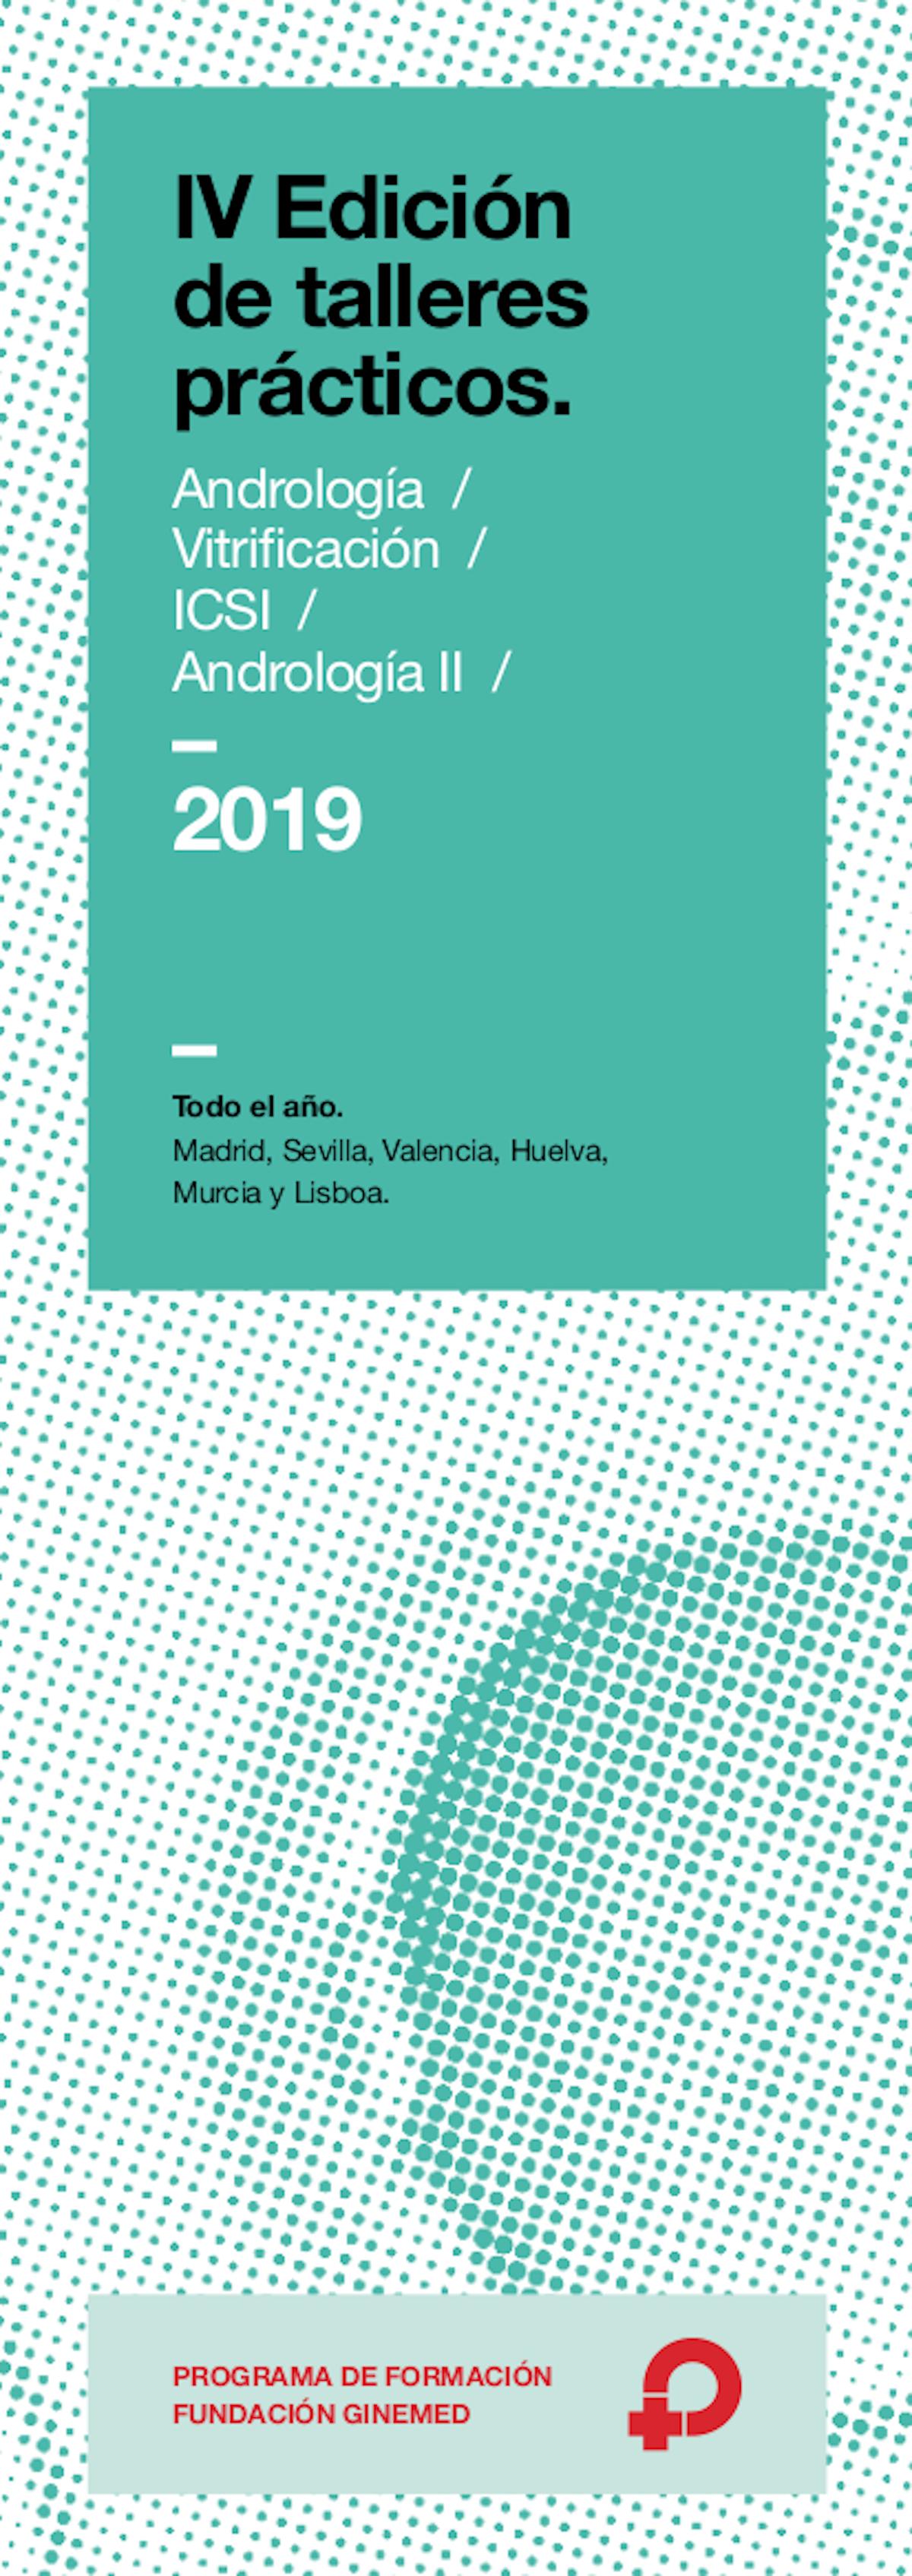 IV Edición de talleres prácticos andrología, vitrificación, ICSI 2019